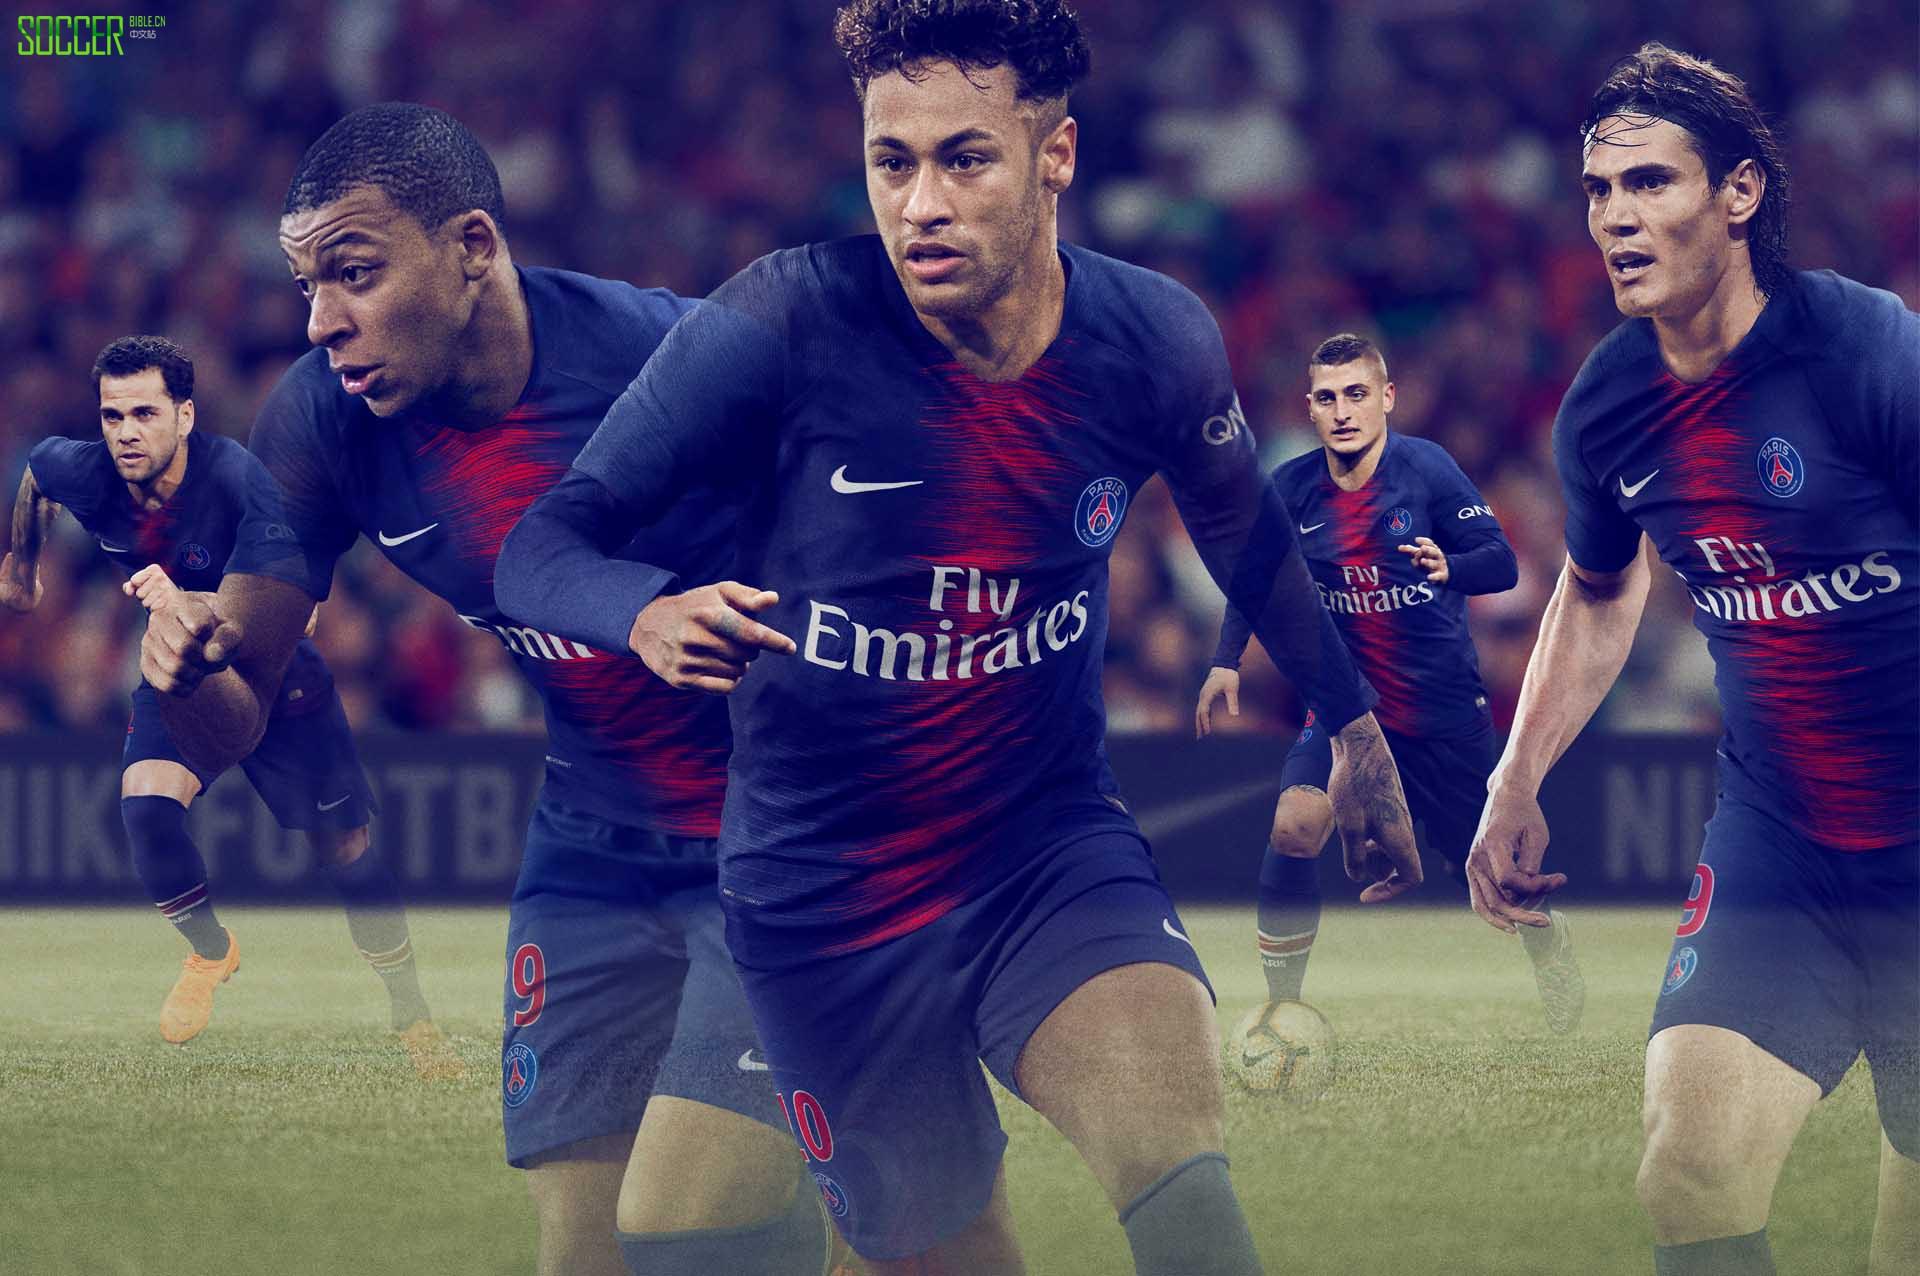 巴黎圣日耳曼2018-19赛季主场球衣